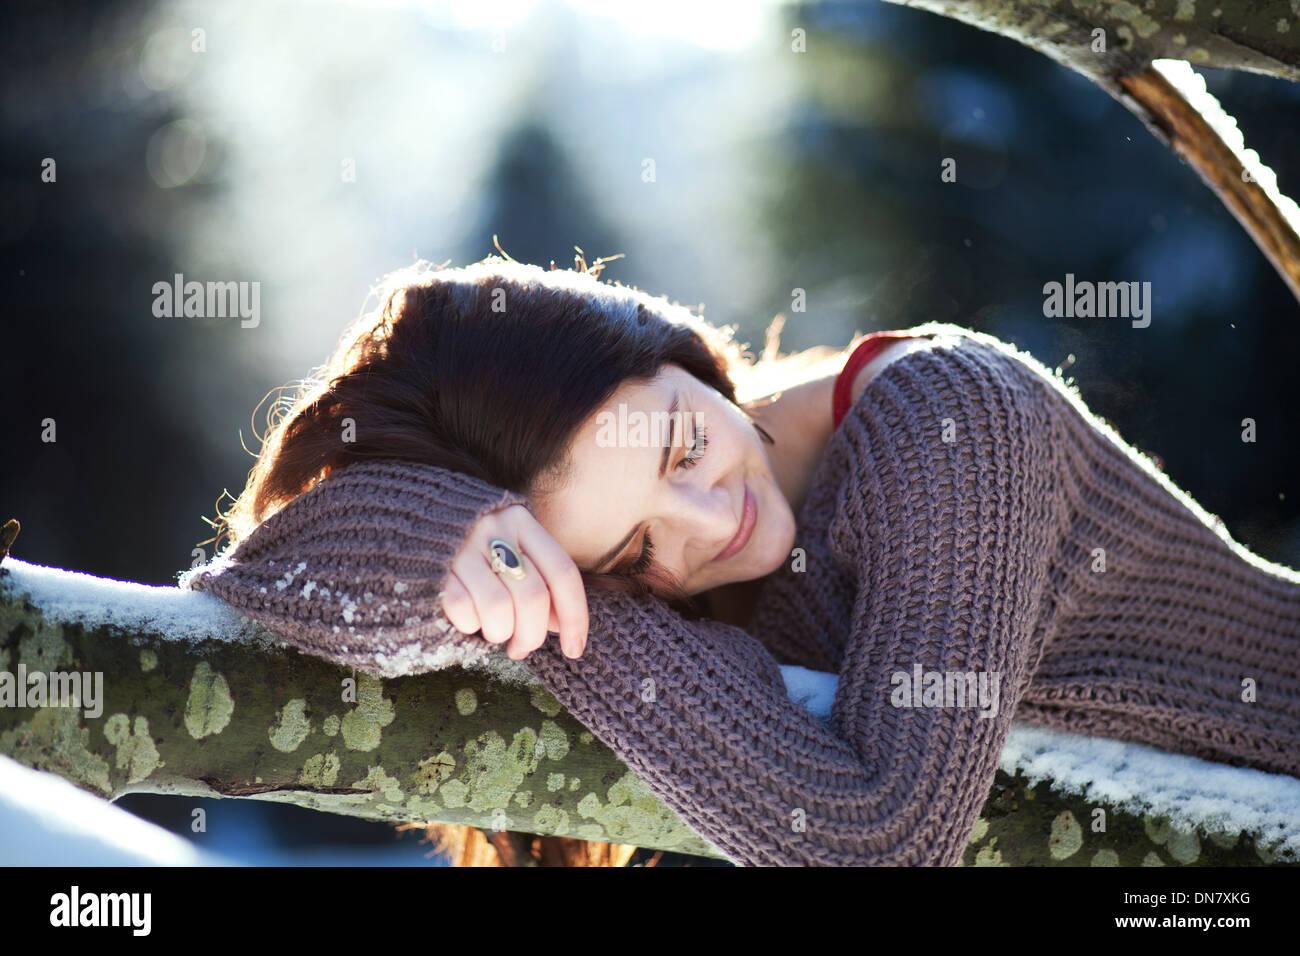 Junge Frau liegt auf einem Baumstamm im Schnee Stockbild